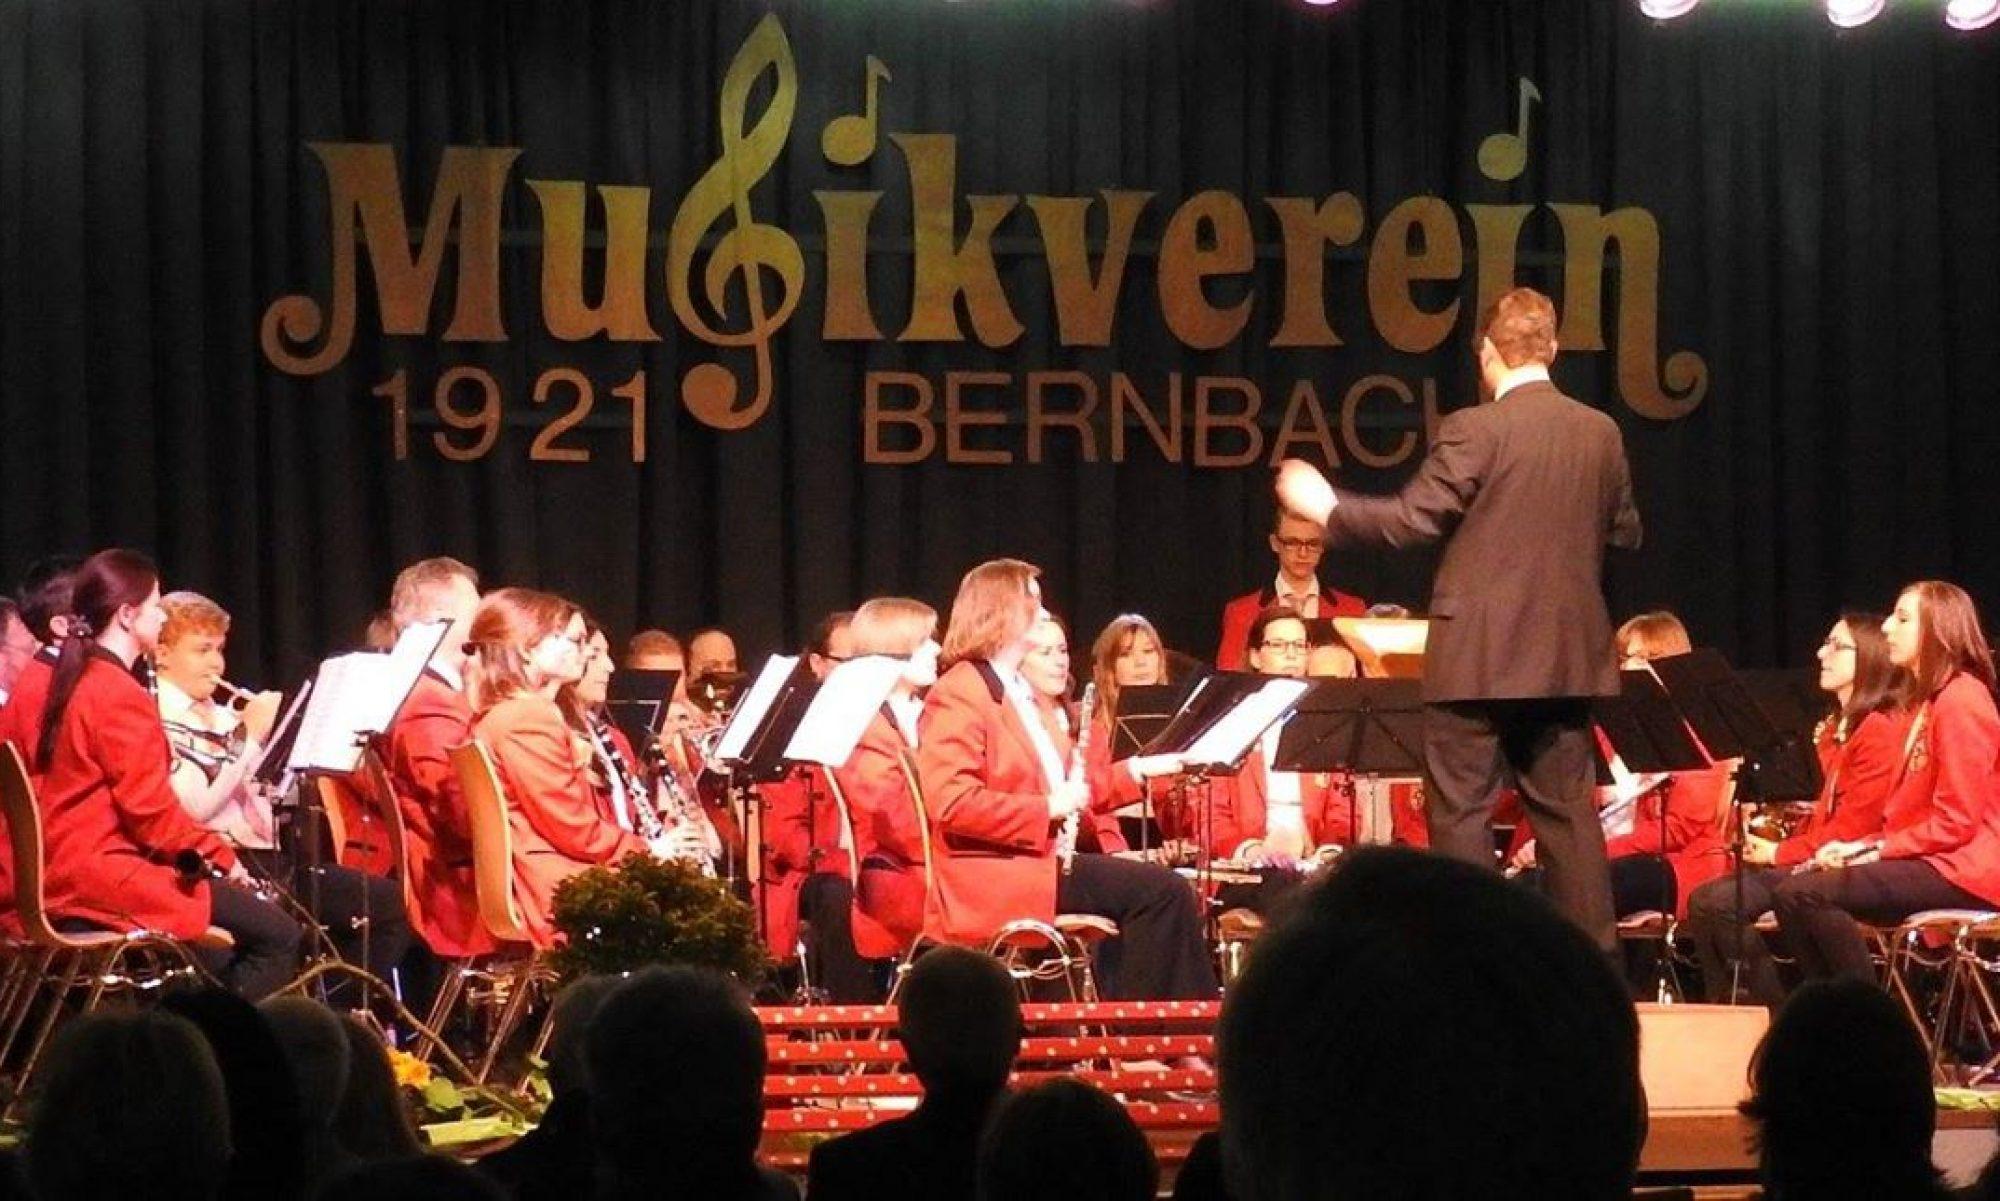 Musikverein 1921 Bernbach e. V.